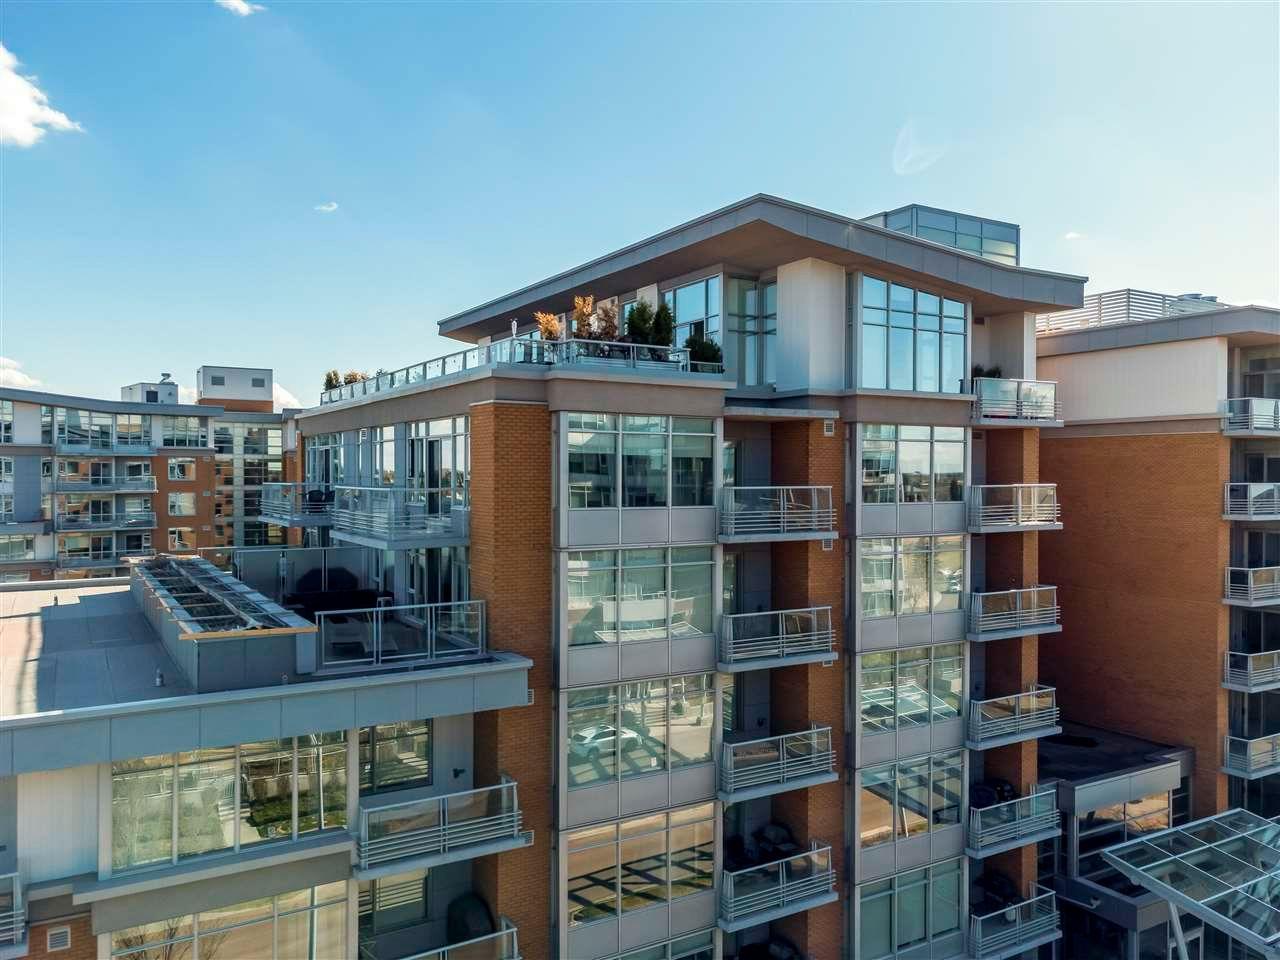 Main Photo: 601 2510 109 Street in Edmonton: Zone 16 Condo for sale : MLS®# E4245933